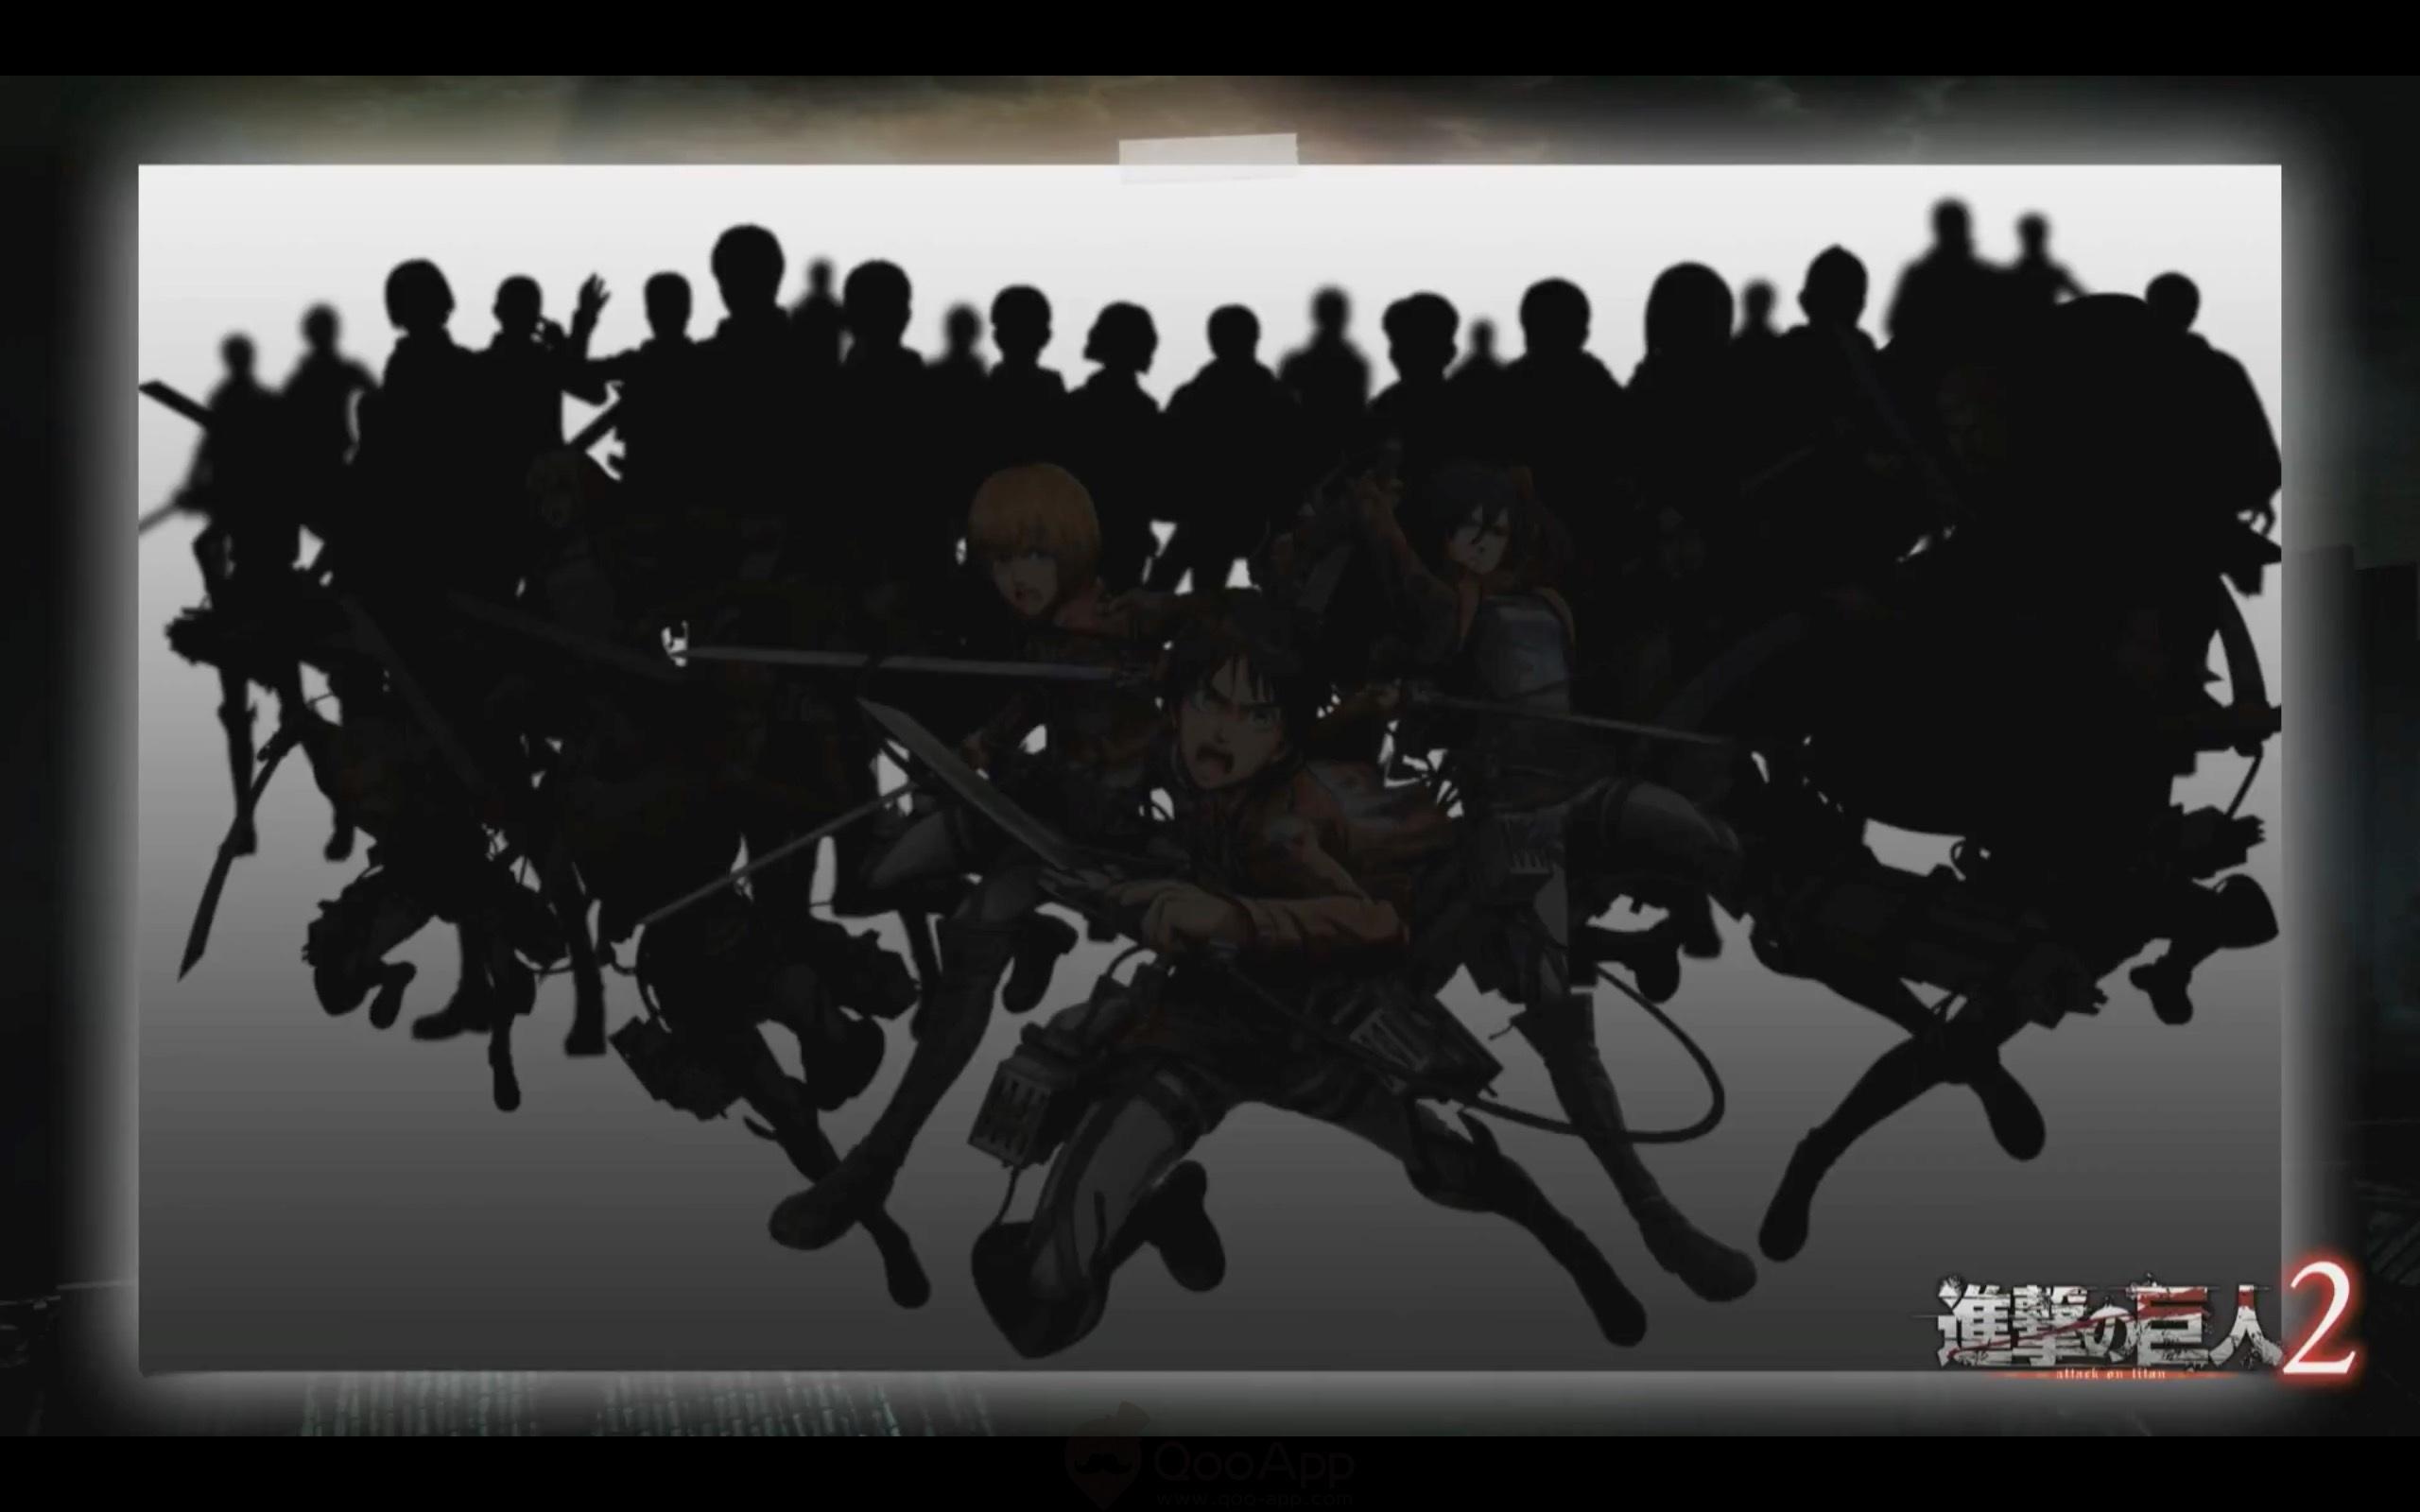 attack on titan 2 25092017 06